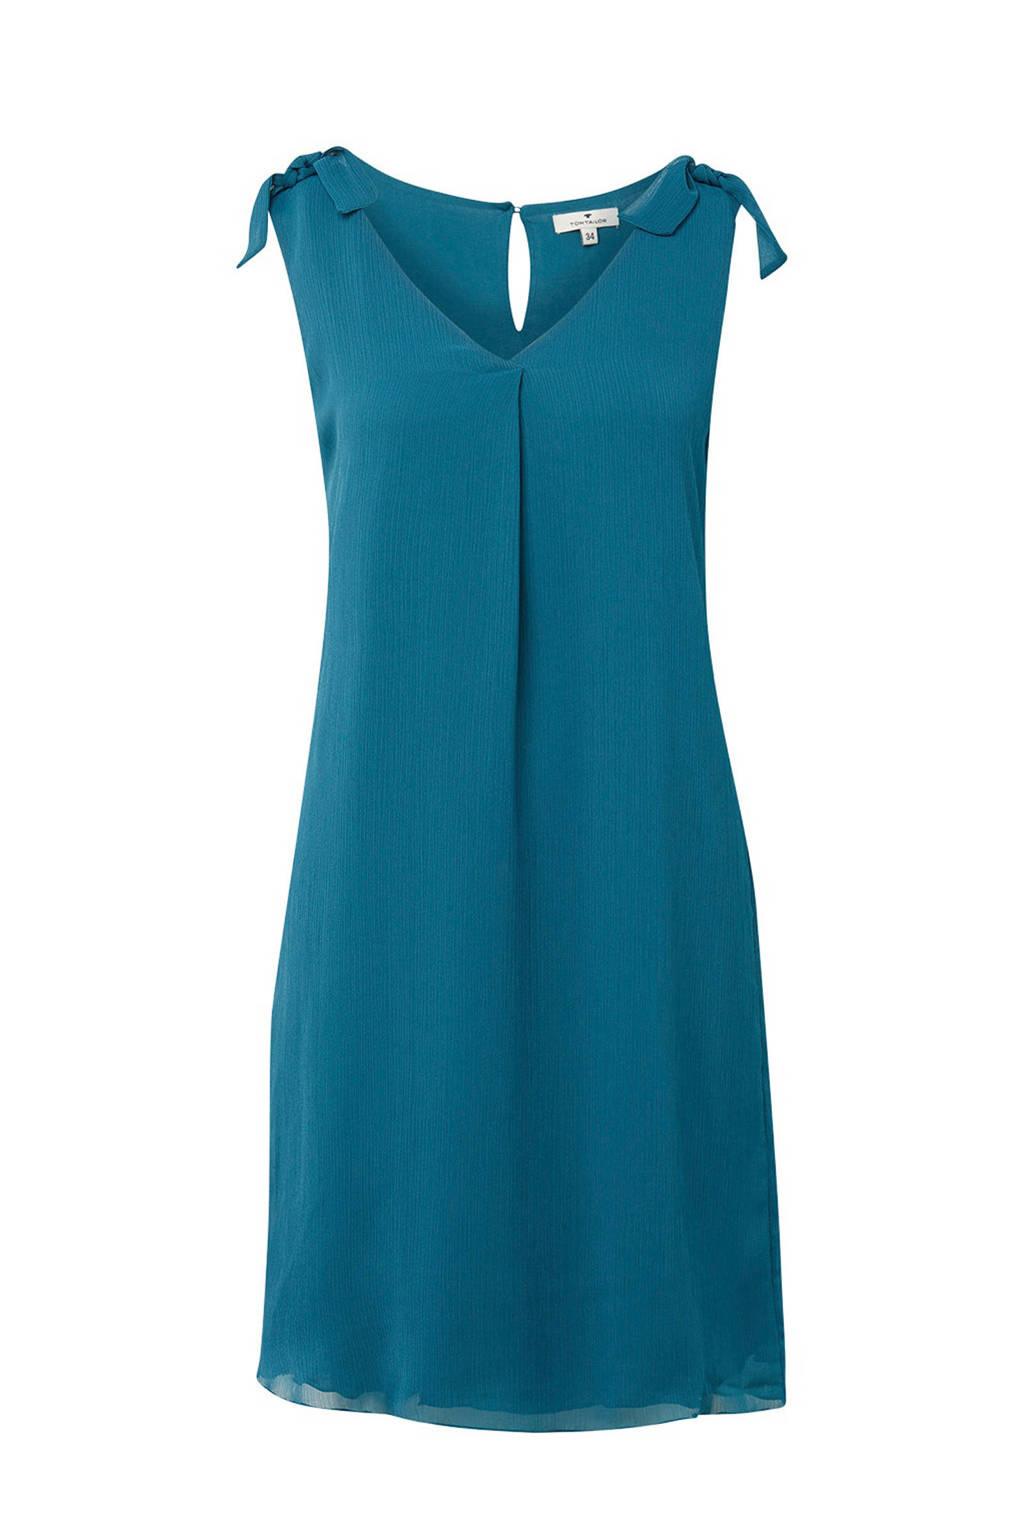 Tom Tailor jurk met knoopdetail, Blauw